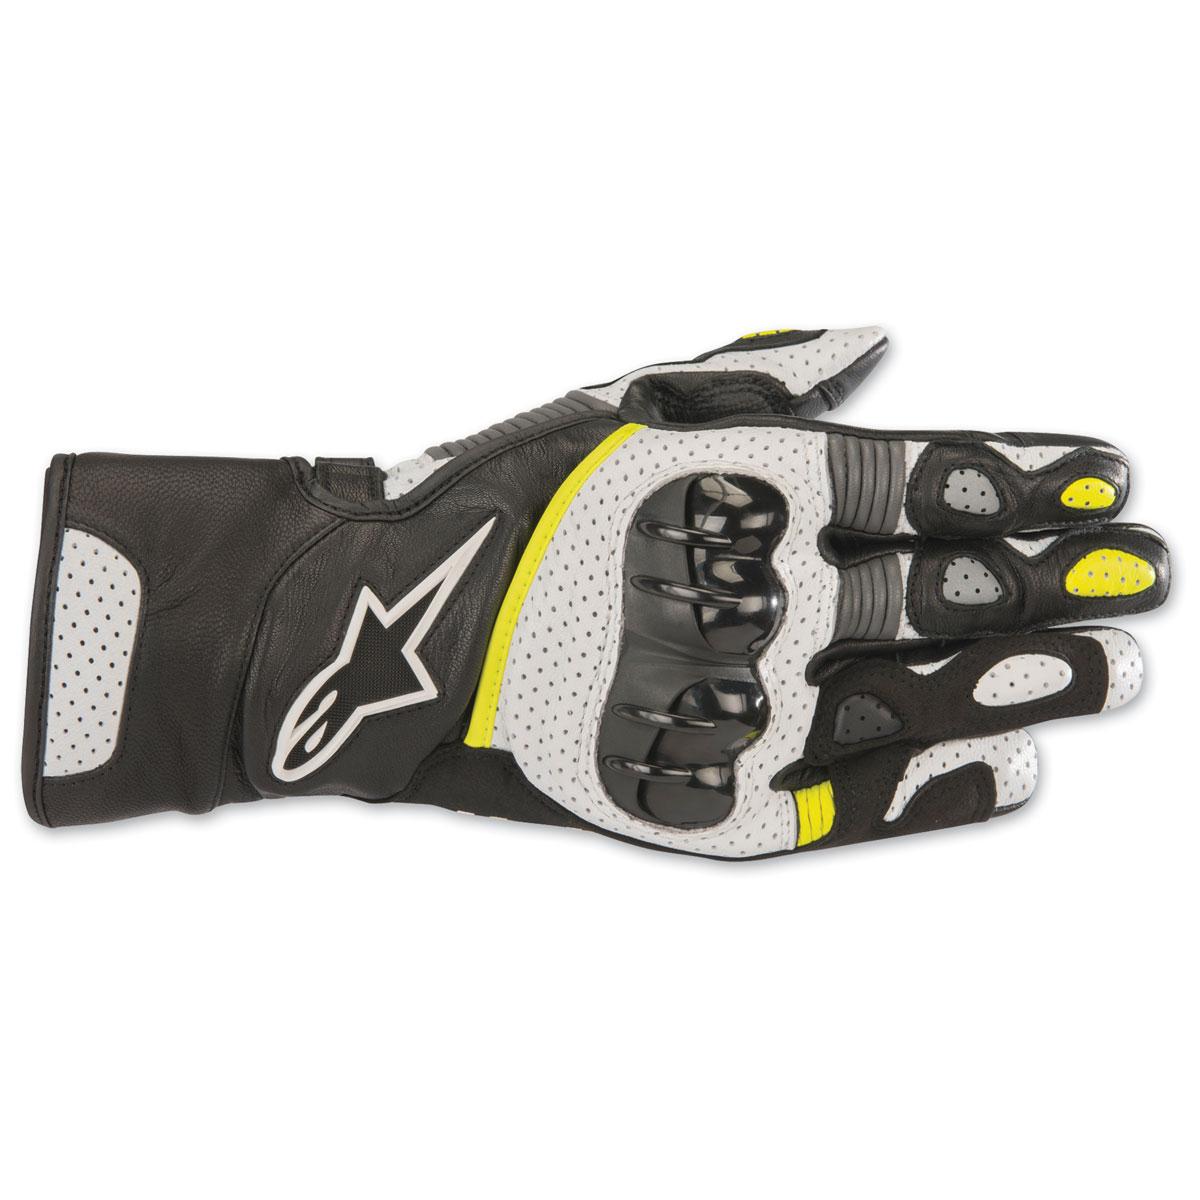 Alpinestars Men's SP-2 v2 Black/White/Yellow Gloves